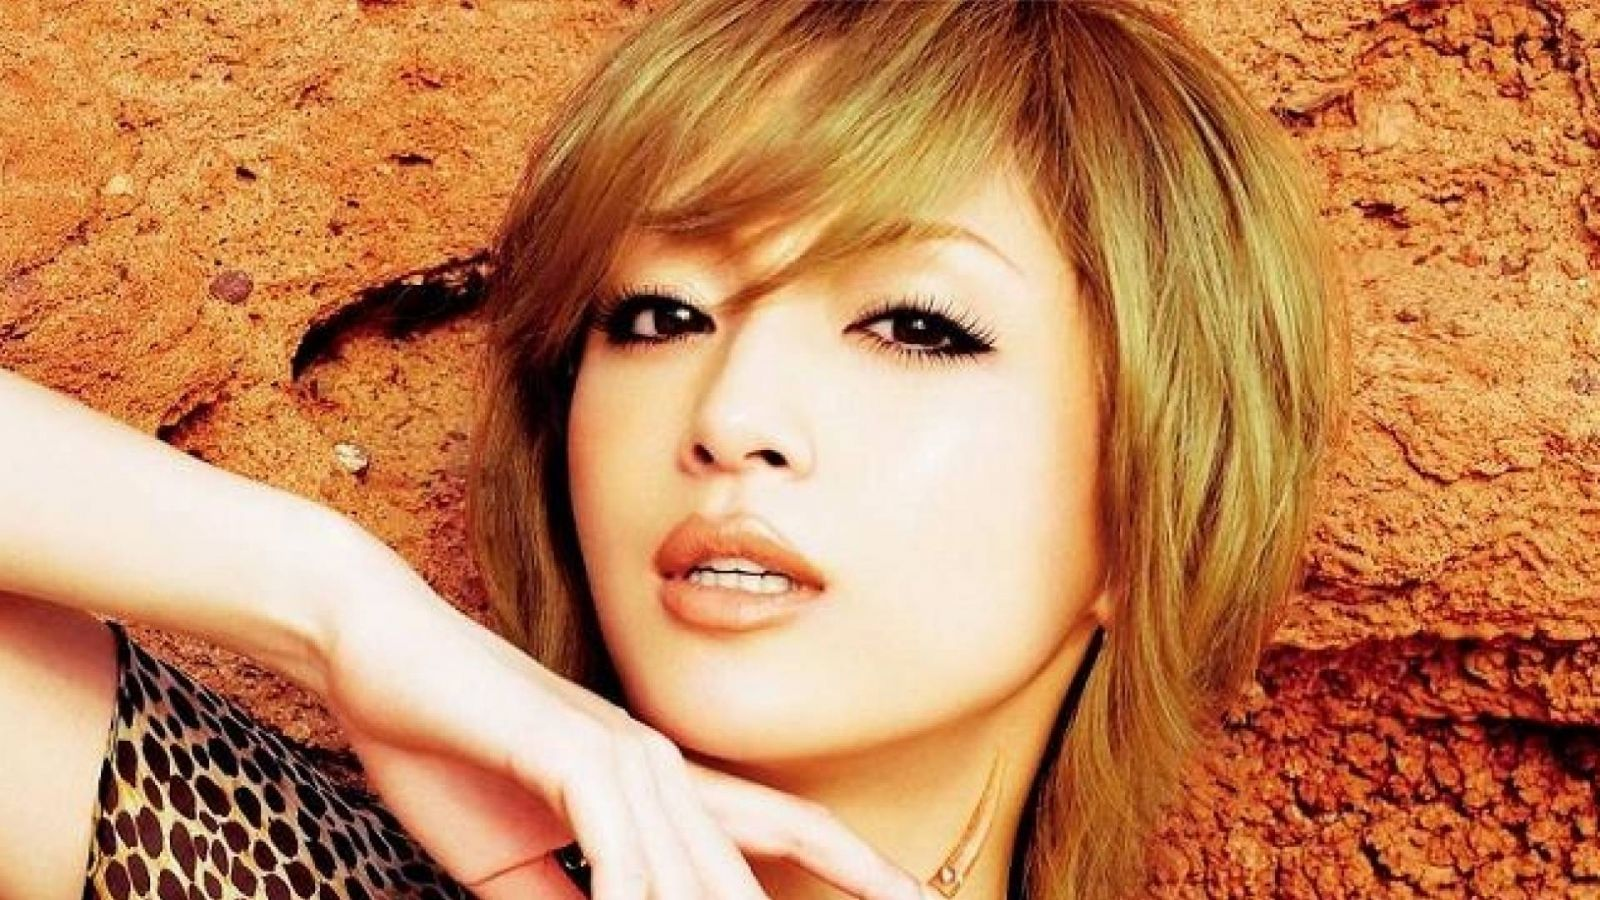 Ayumi Hamasaki Album © Avex Entertainment Inc.